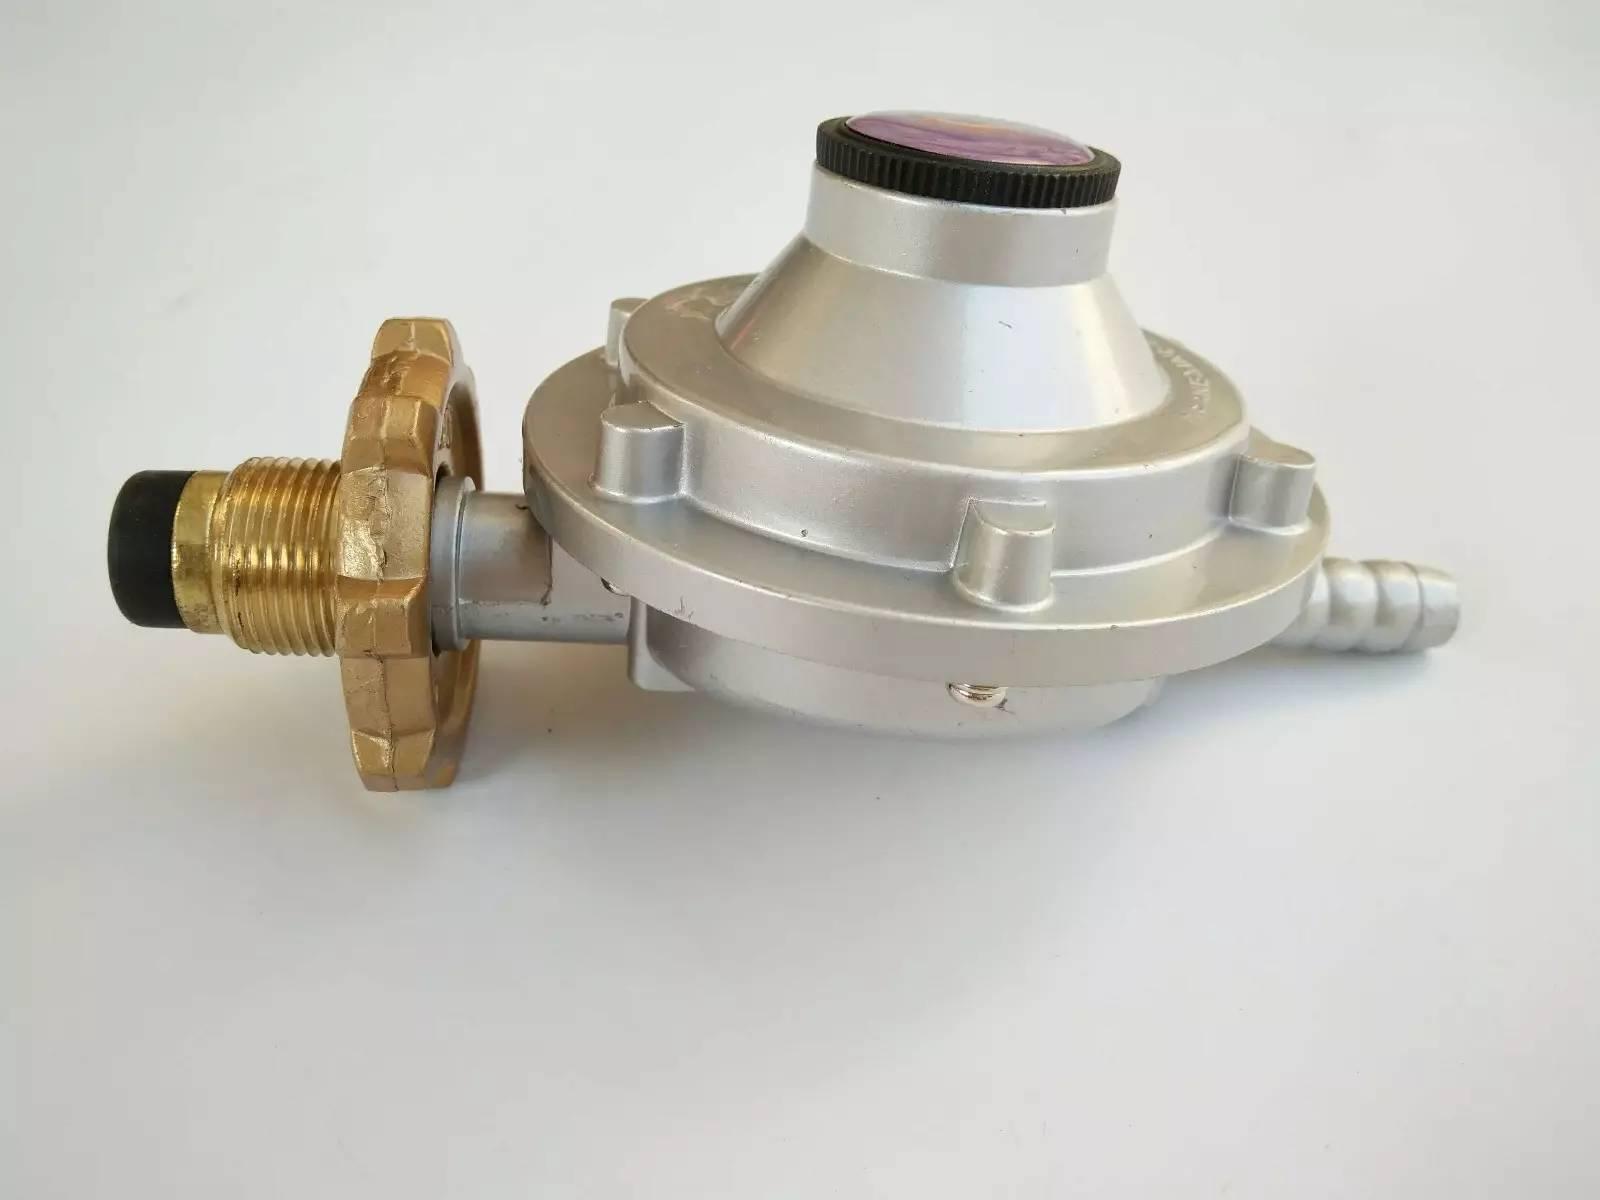 家庭用户使用了 非标准的家用瓶装液化气减压阀(如:可调节式的商用中图片